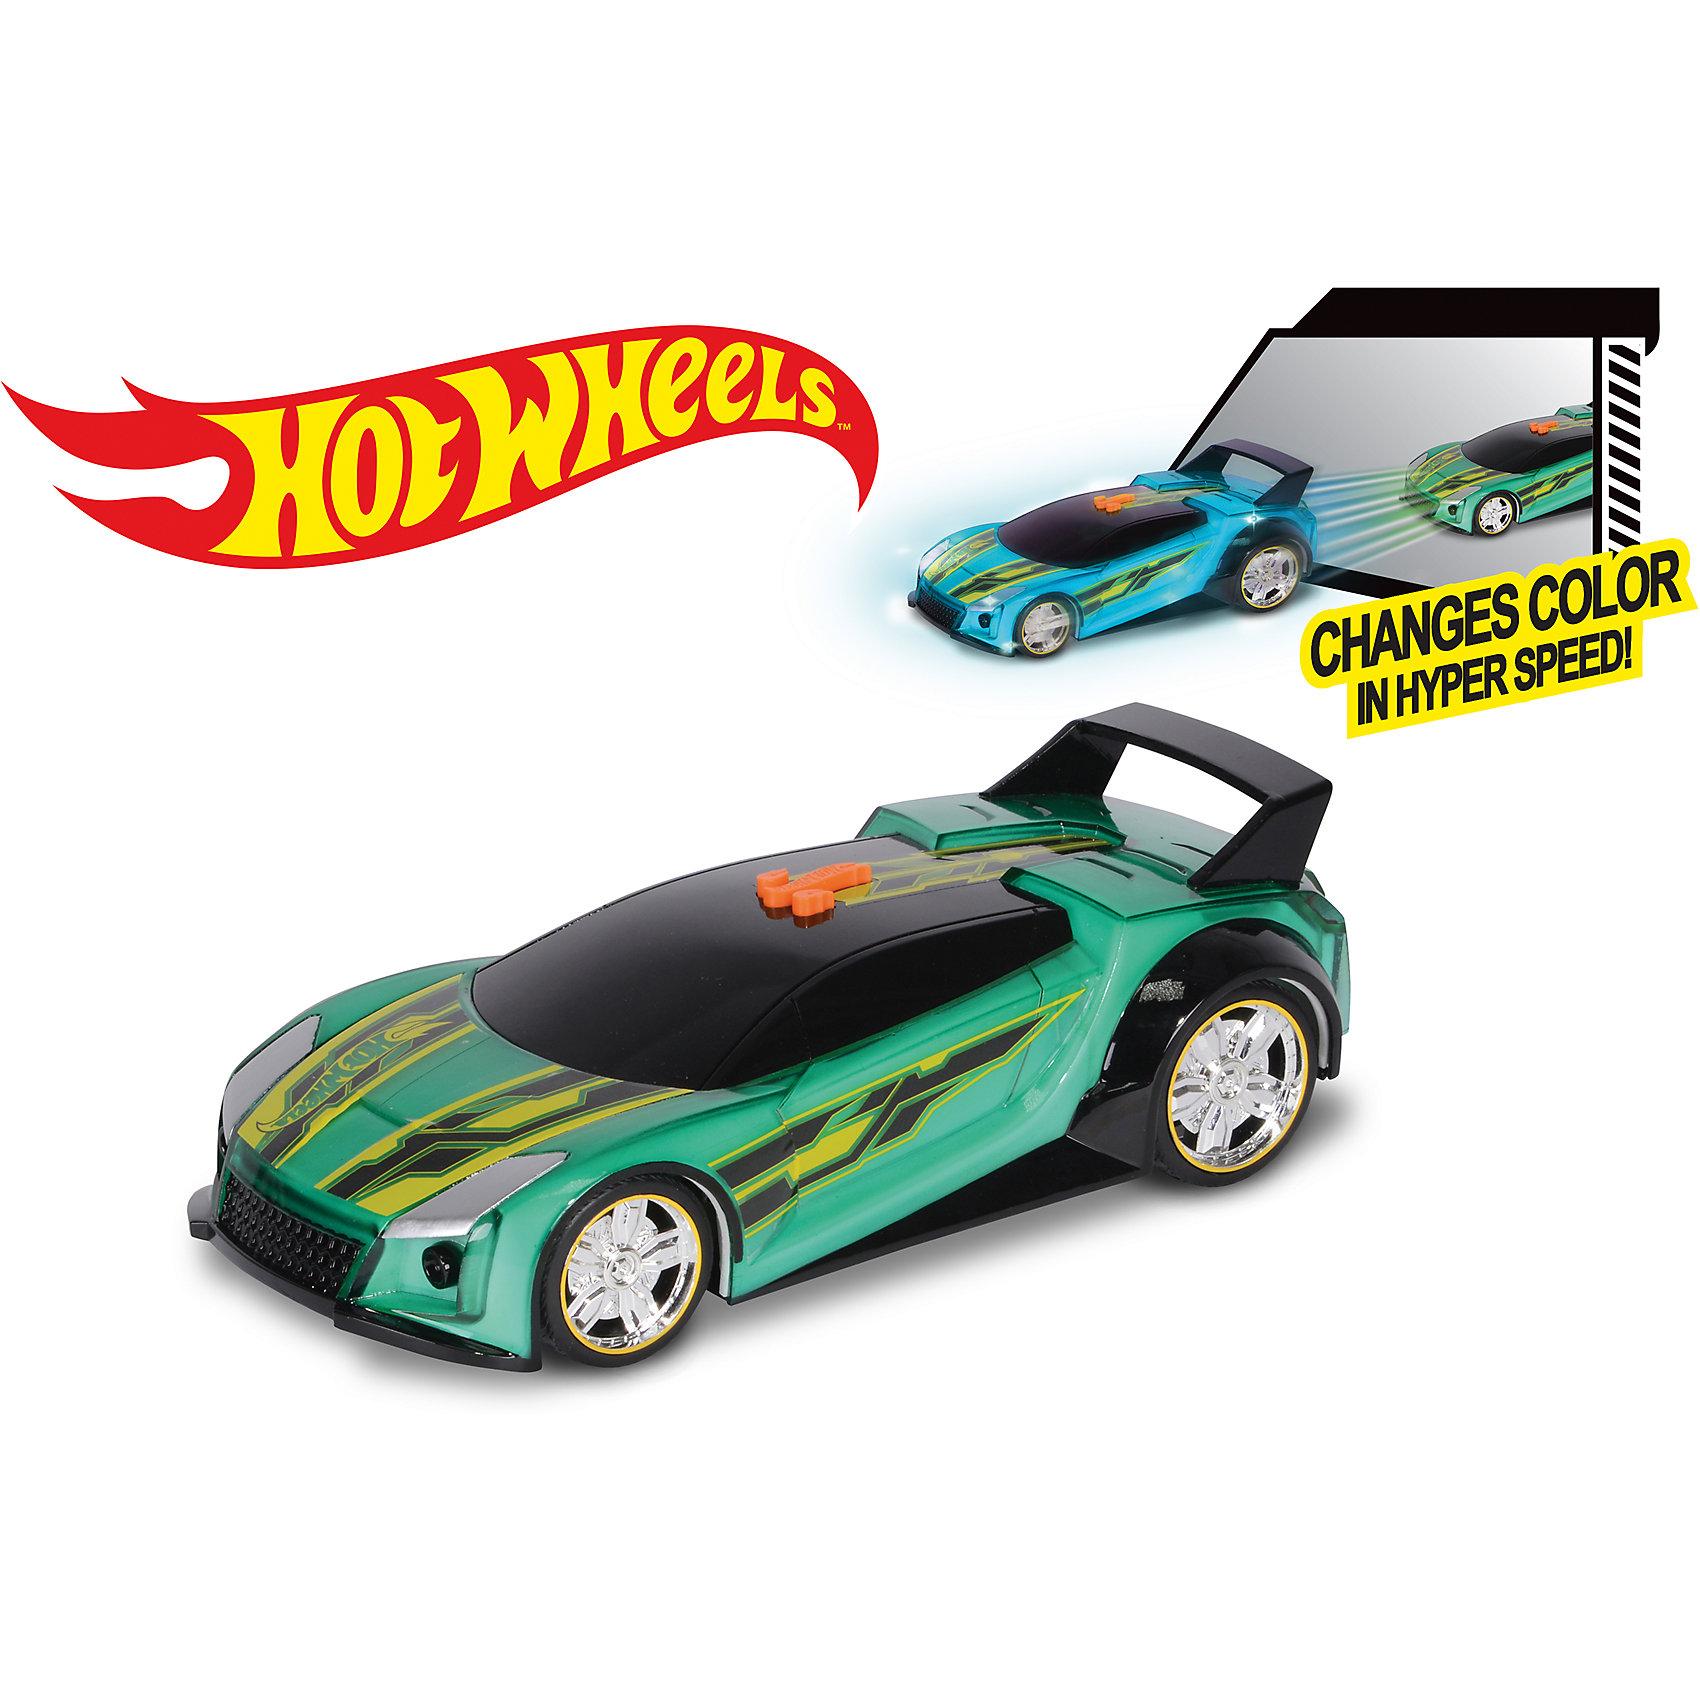 Машинка Hyper Racer (свет, звук), зеленая, 25 см, Hot WheelsМашинки<br>Характеристики товара:<br><br>- цвет: зеленый;<br>- материал: пластик, металл;<br>- особенности:электромеханическая, со звуковыми и световыми эффектами;<br>- вес: 600 г;<br>- размер упаковки: 31х13х13;<br>- батарейки 3хААA;<br>- размер машинки: 25 см.<br><br>Какой мальчишка откажется поиграть с машинкой Hot Wheels, которая выглядит как настоящая?! Машинка меняет цвет при движении и запускается нажатием кнопки. Игрушка отлично детализирована, очень качественно выполнена, поэтому она станет отличным подарком ребенку. Продается в красивой упаковке.<br>Изделия произведены из высококачественного материала, безопасного для детей.<br><br>Электромеханическую машинку Hot Wheels можно купить в нашем интернет-магазине.<br><br>Ширина мм: 310<br>Глубина мм: 130<br>Высота мм: 130<br>Вес г: 628<br>Возраст от месяцев: 36<br>Возраст до месяцев: 2147483647<br>Пол: Мужской<br>Возраст: Детский<br>SKU: 5066706